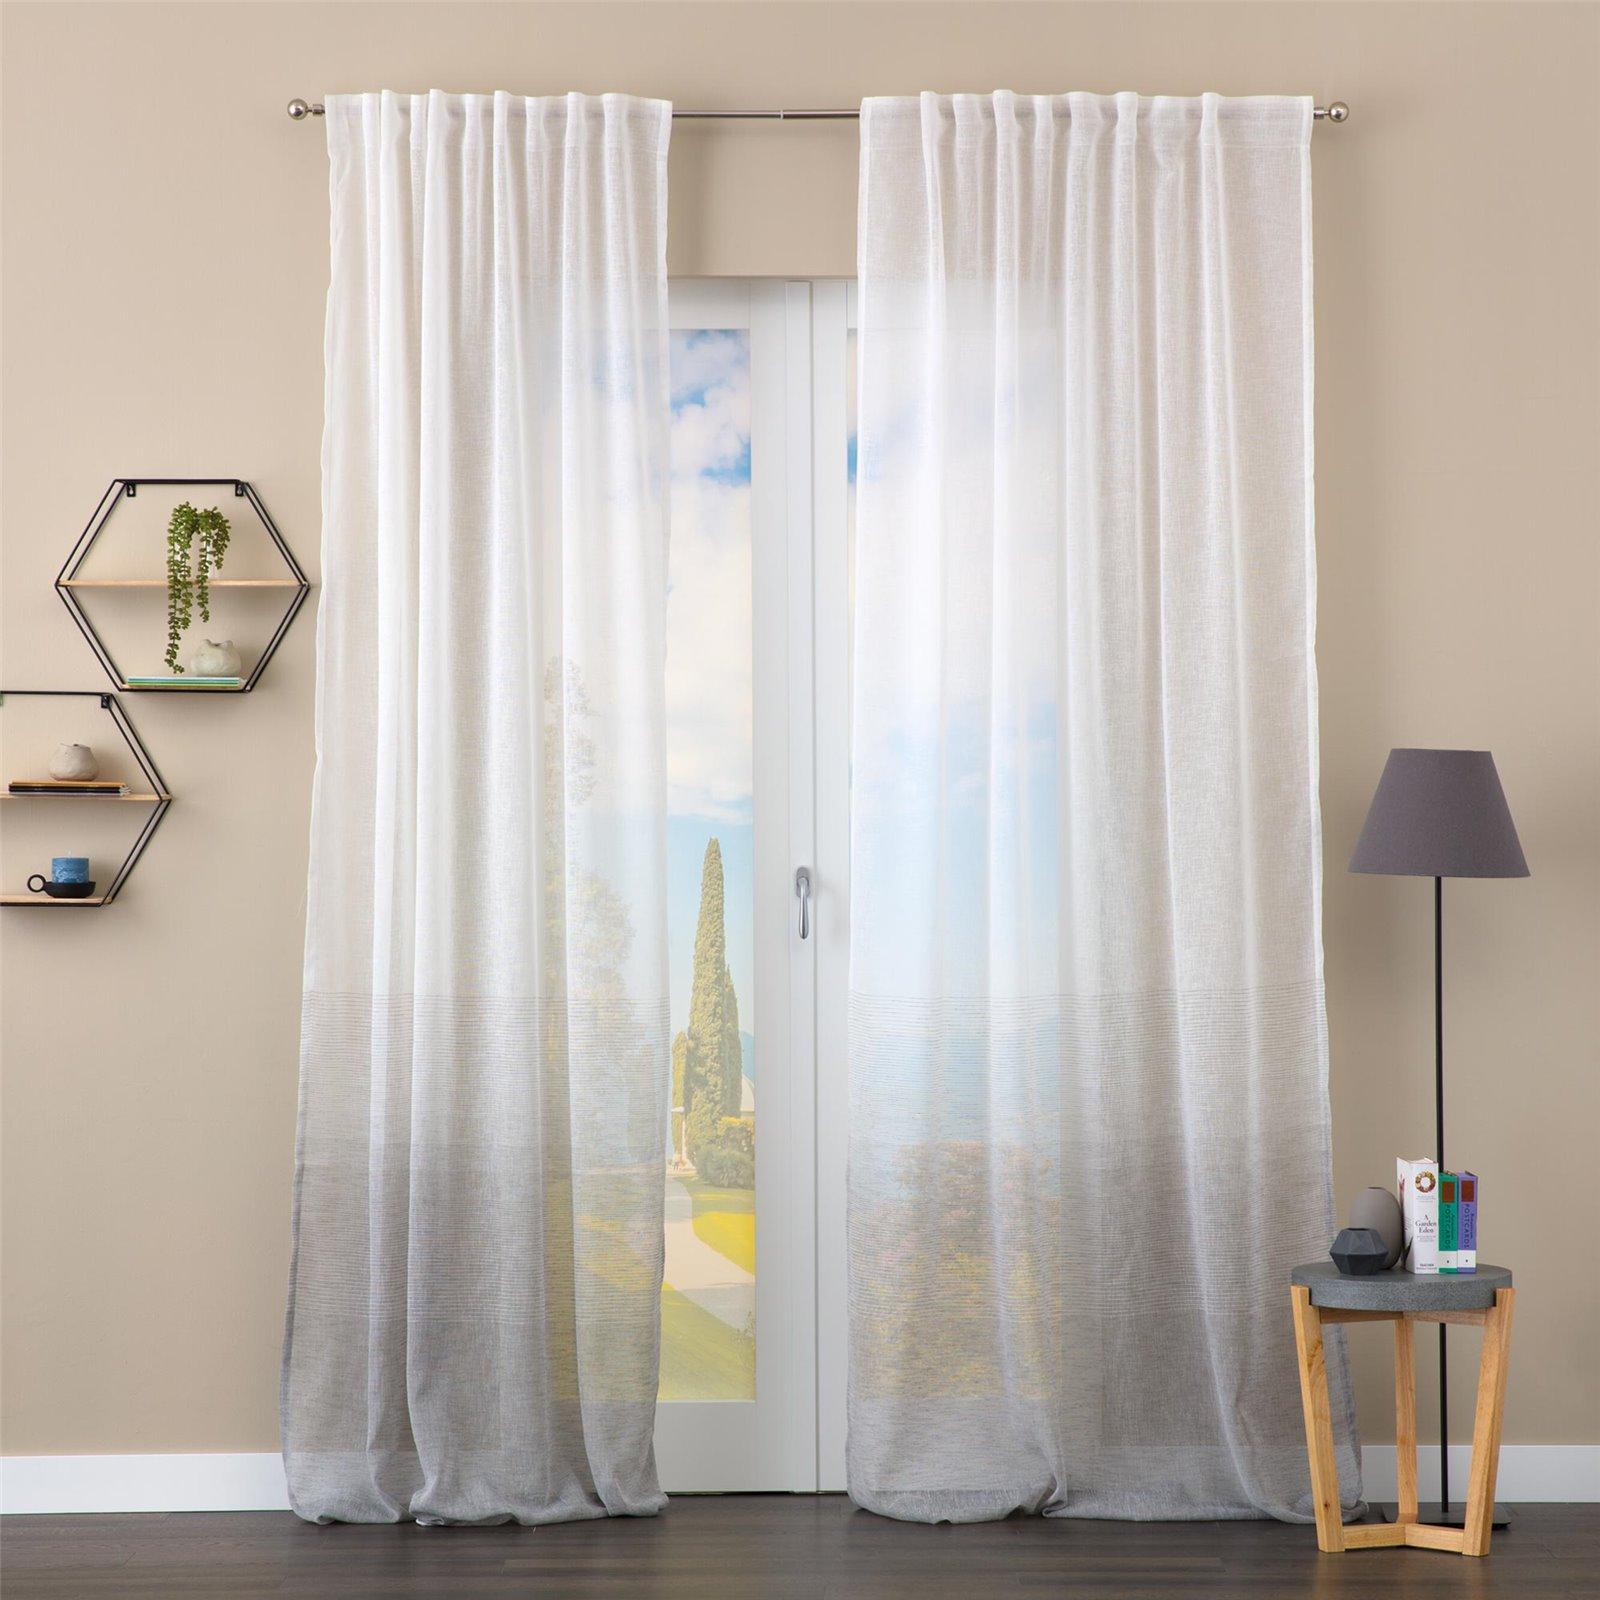 Clizia curtain